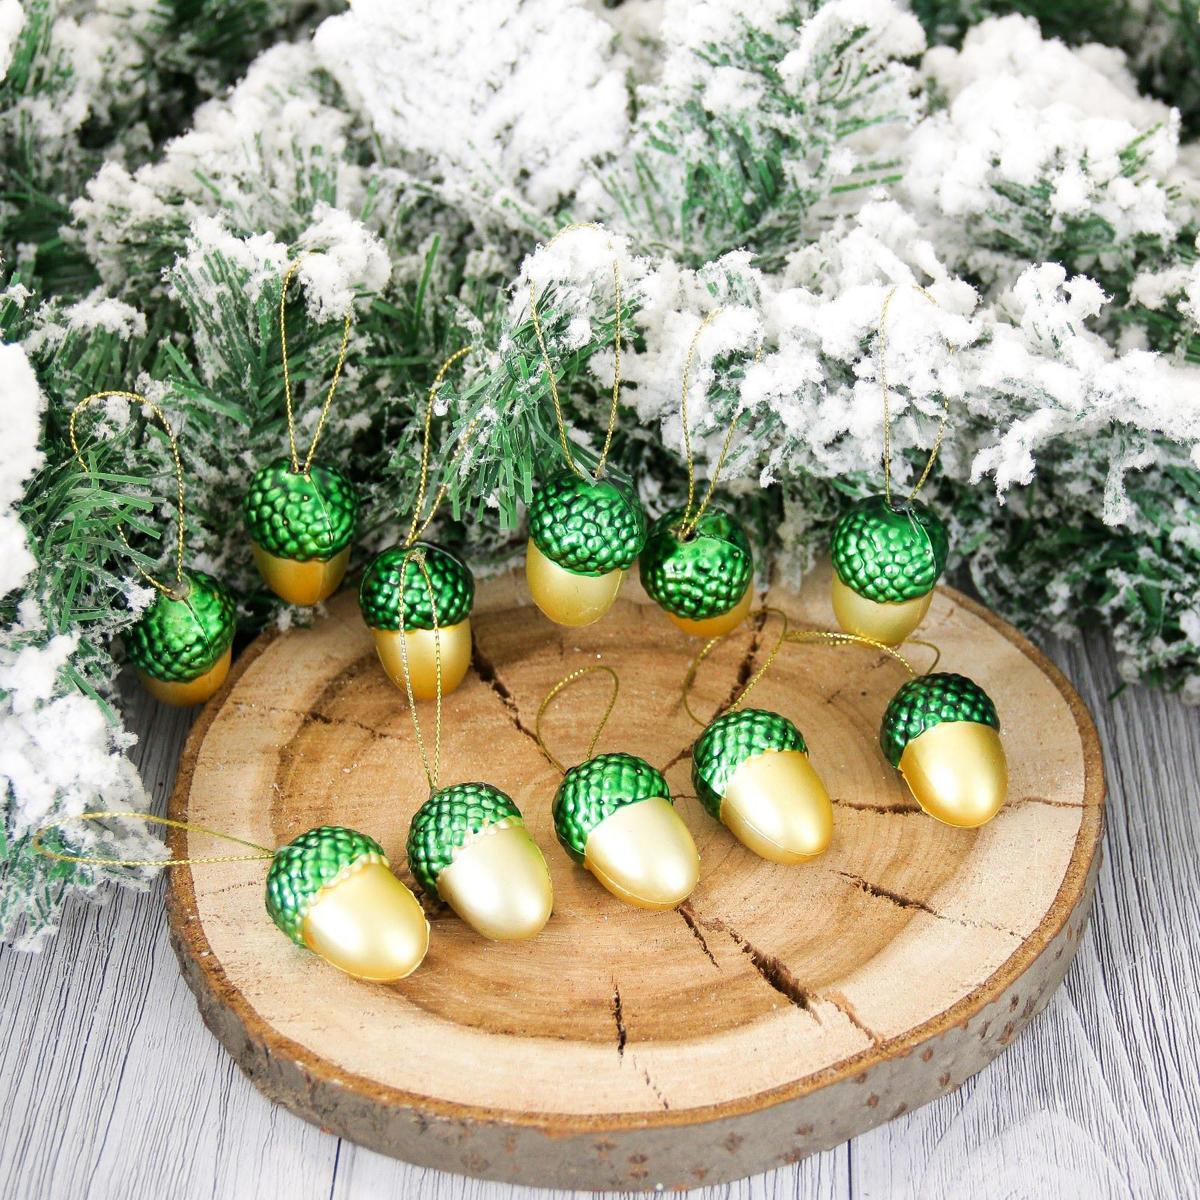 Набор новогодних подвесных украшений Желуди, высота 3,5 см, 24 шт2155344Набор новогодних подвесных украшений отлично подойдет для декорации вашего дома и новогодней ели. С помощью специальной петельки украшение можно повесить в любом понравившемся вам месте. Но, конечно, удачнее всего оно будет смотреться на праздничной елке.Елочная игрушка - символ Нового года. Она несет в себе волшебство и красоту праздника. Такое украшение создаст в вашем доме атмосферу праздника, веселья и радости.